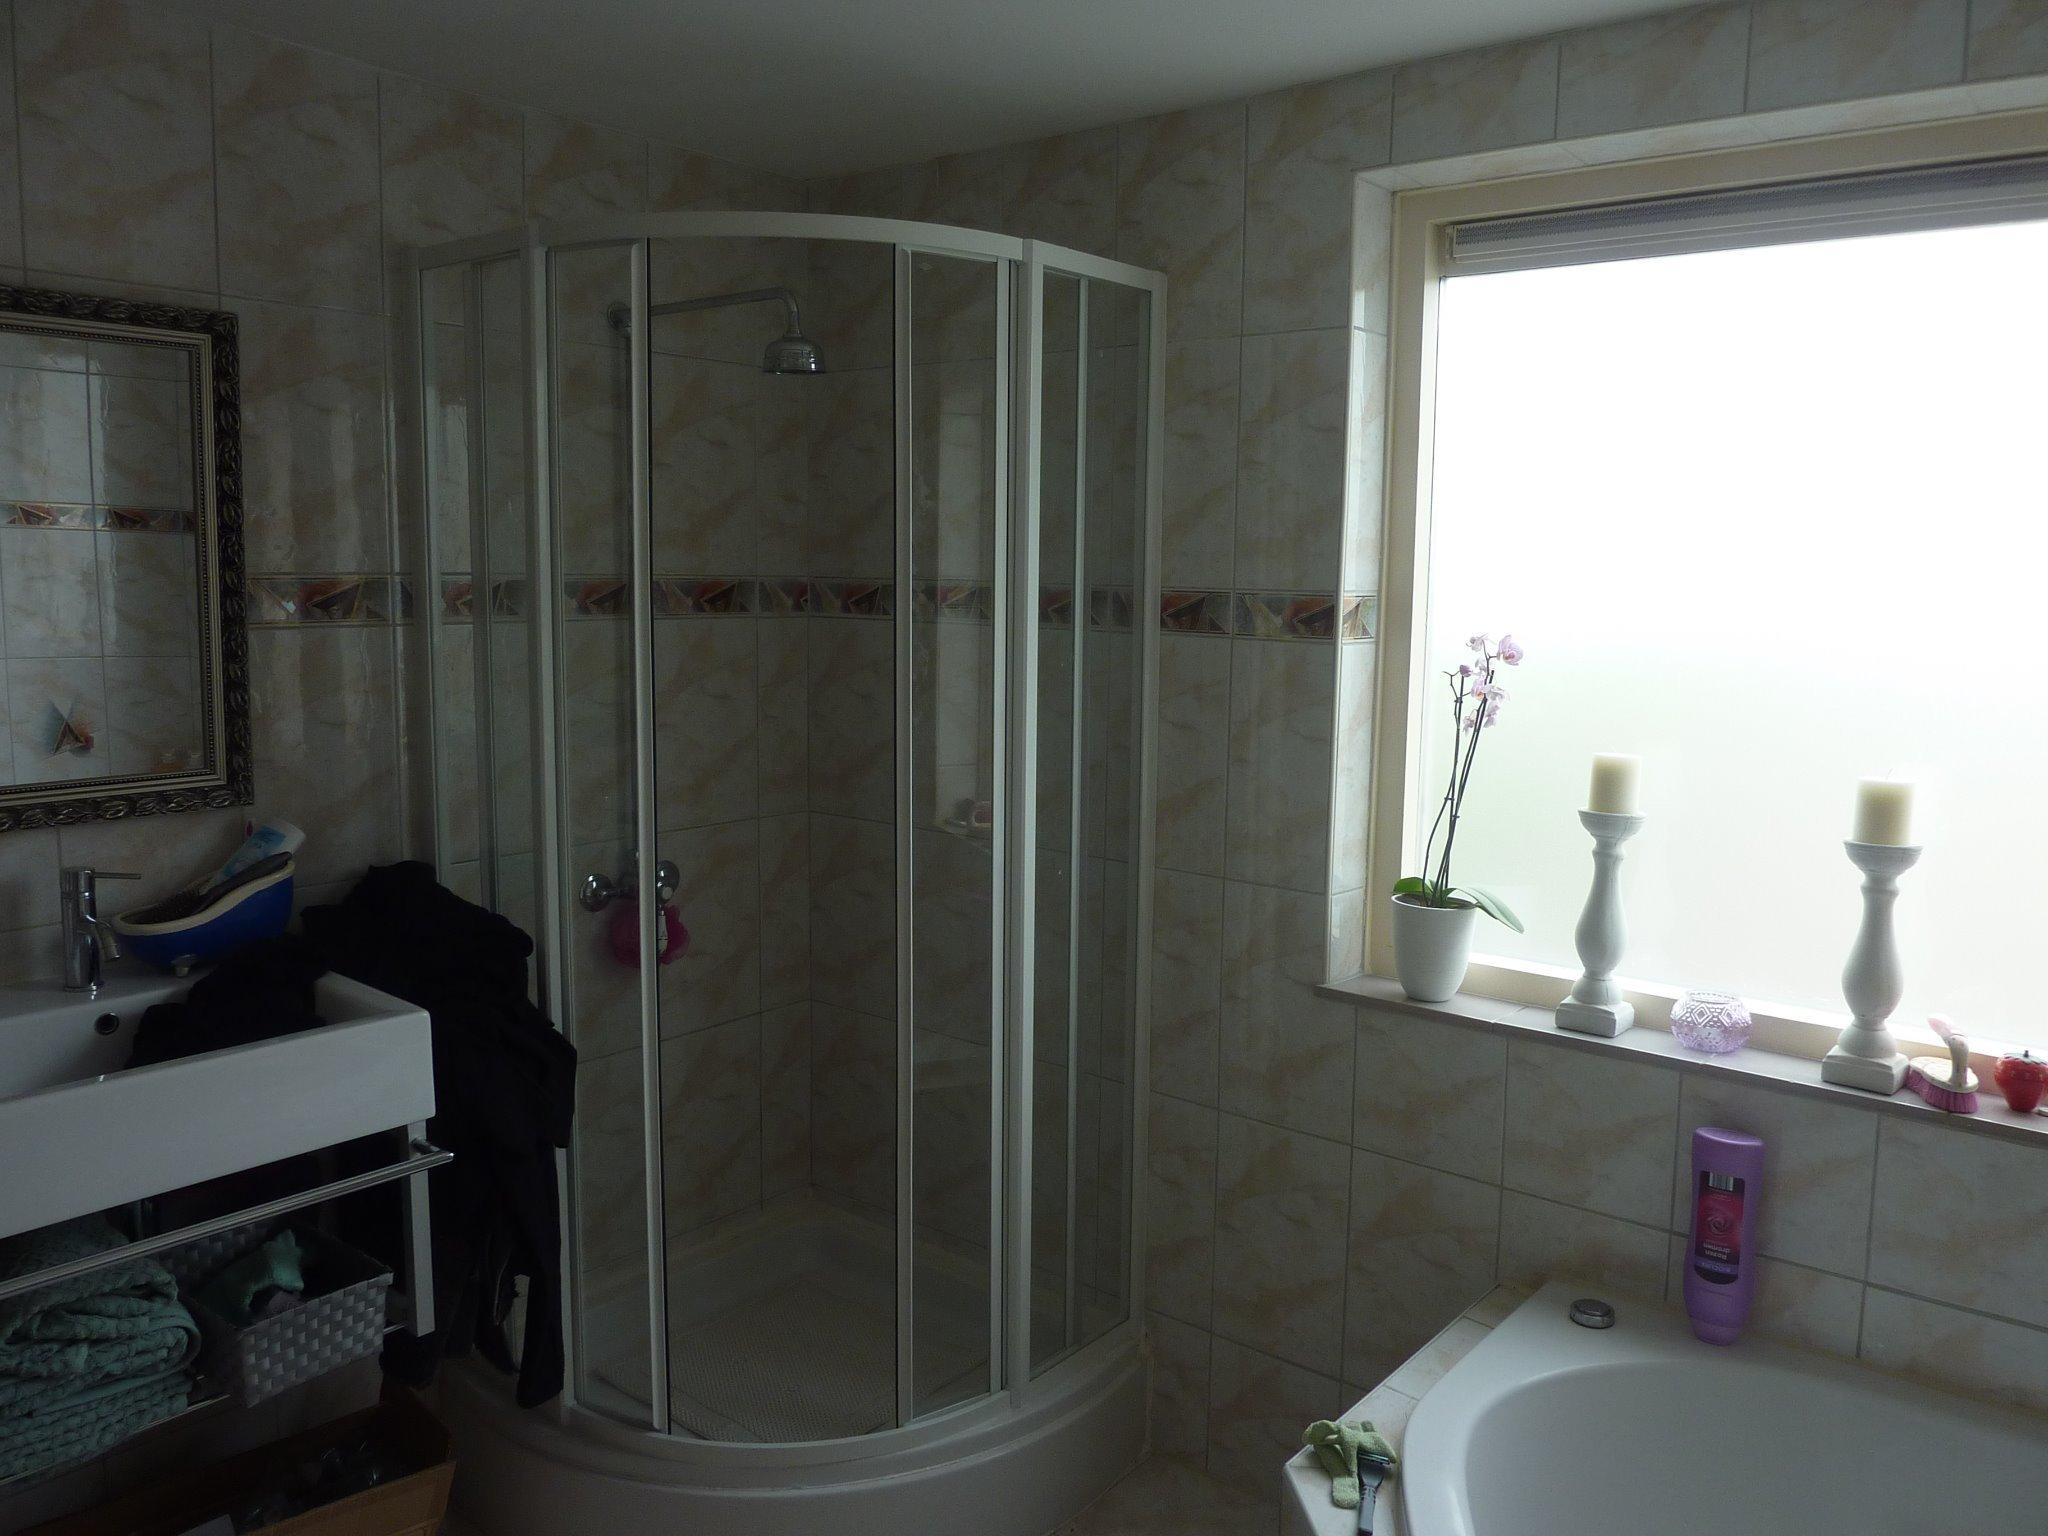 Beton Afwerking Badkamer : Renoveren badkamer met beton ciré of vergelijkbare afwerking